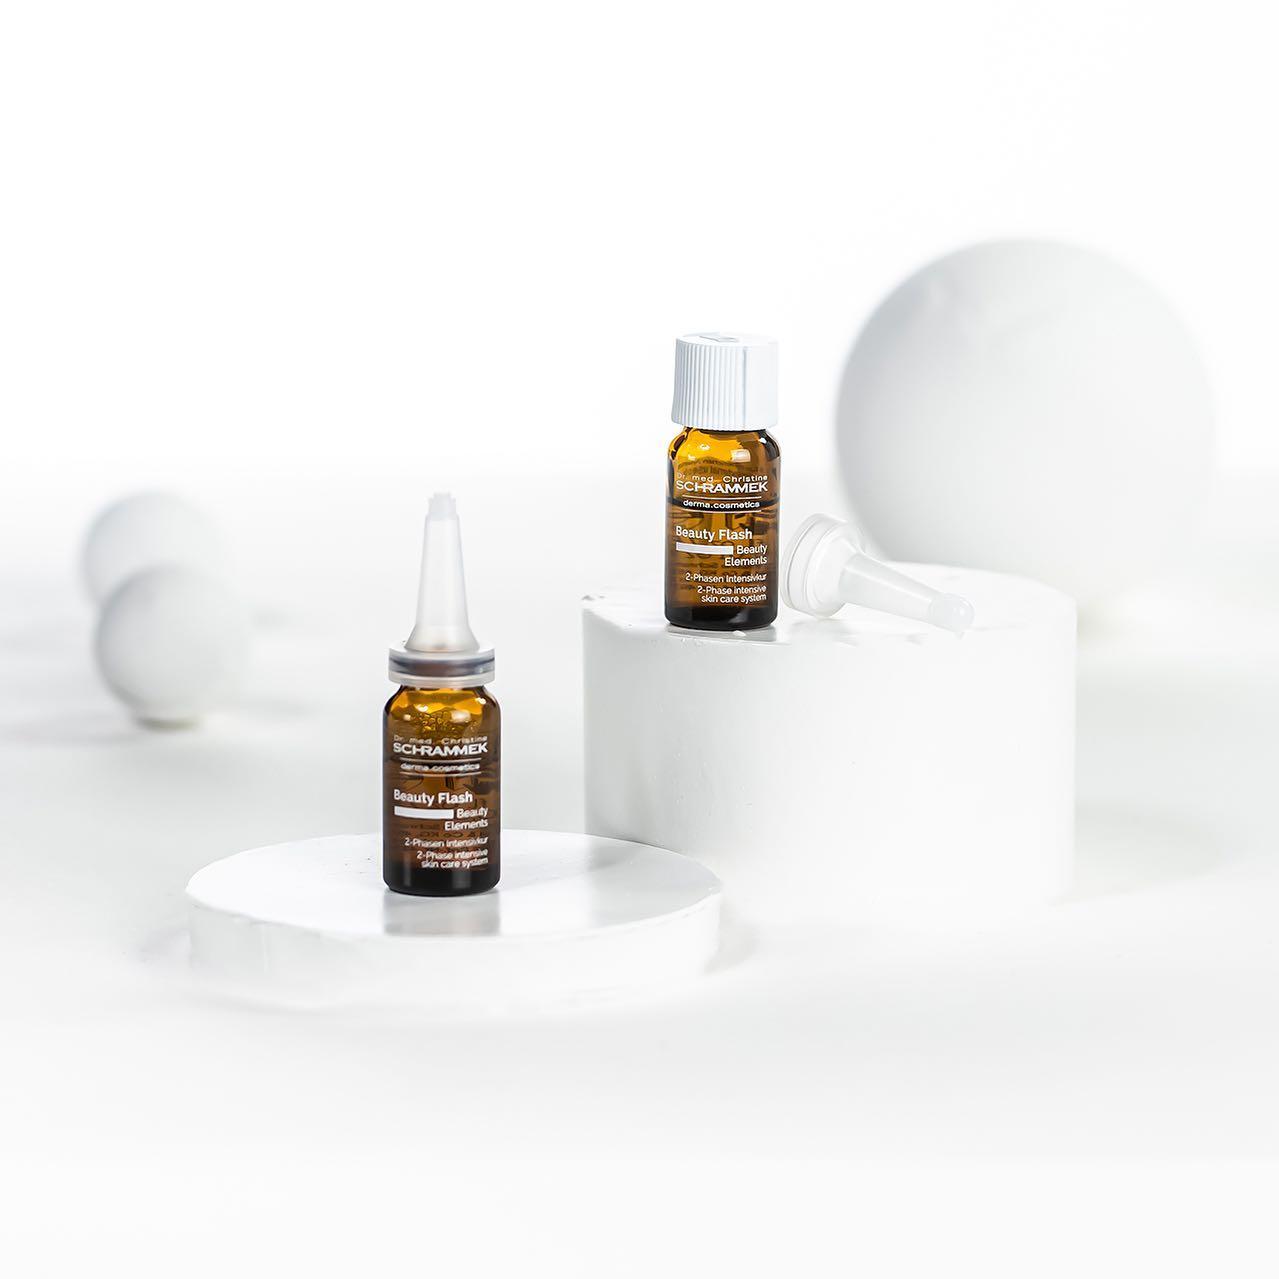 Magi på en liten flaske Vitamin C Beauty Flash er en kraftfull antiage kur med Viamin C i sin beste form🏻  Serumet inneholder ren Vitamin C, som aktivieres sammen med hyaluronsyre og oppstrammende peptider. Disse aktive virkestoffene jobber i synergi for økt spenst, fukt og jevnere hudtone.   Passer for:  Aldrende hud  Ujevn pigmentering  Gusten hud  Kampanjepris Vitamin C Beauty Flash 7,5 ml: 359,- (ord. pris: 400,-).